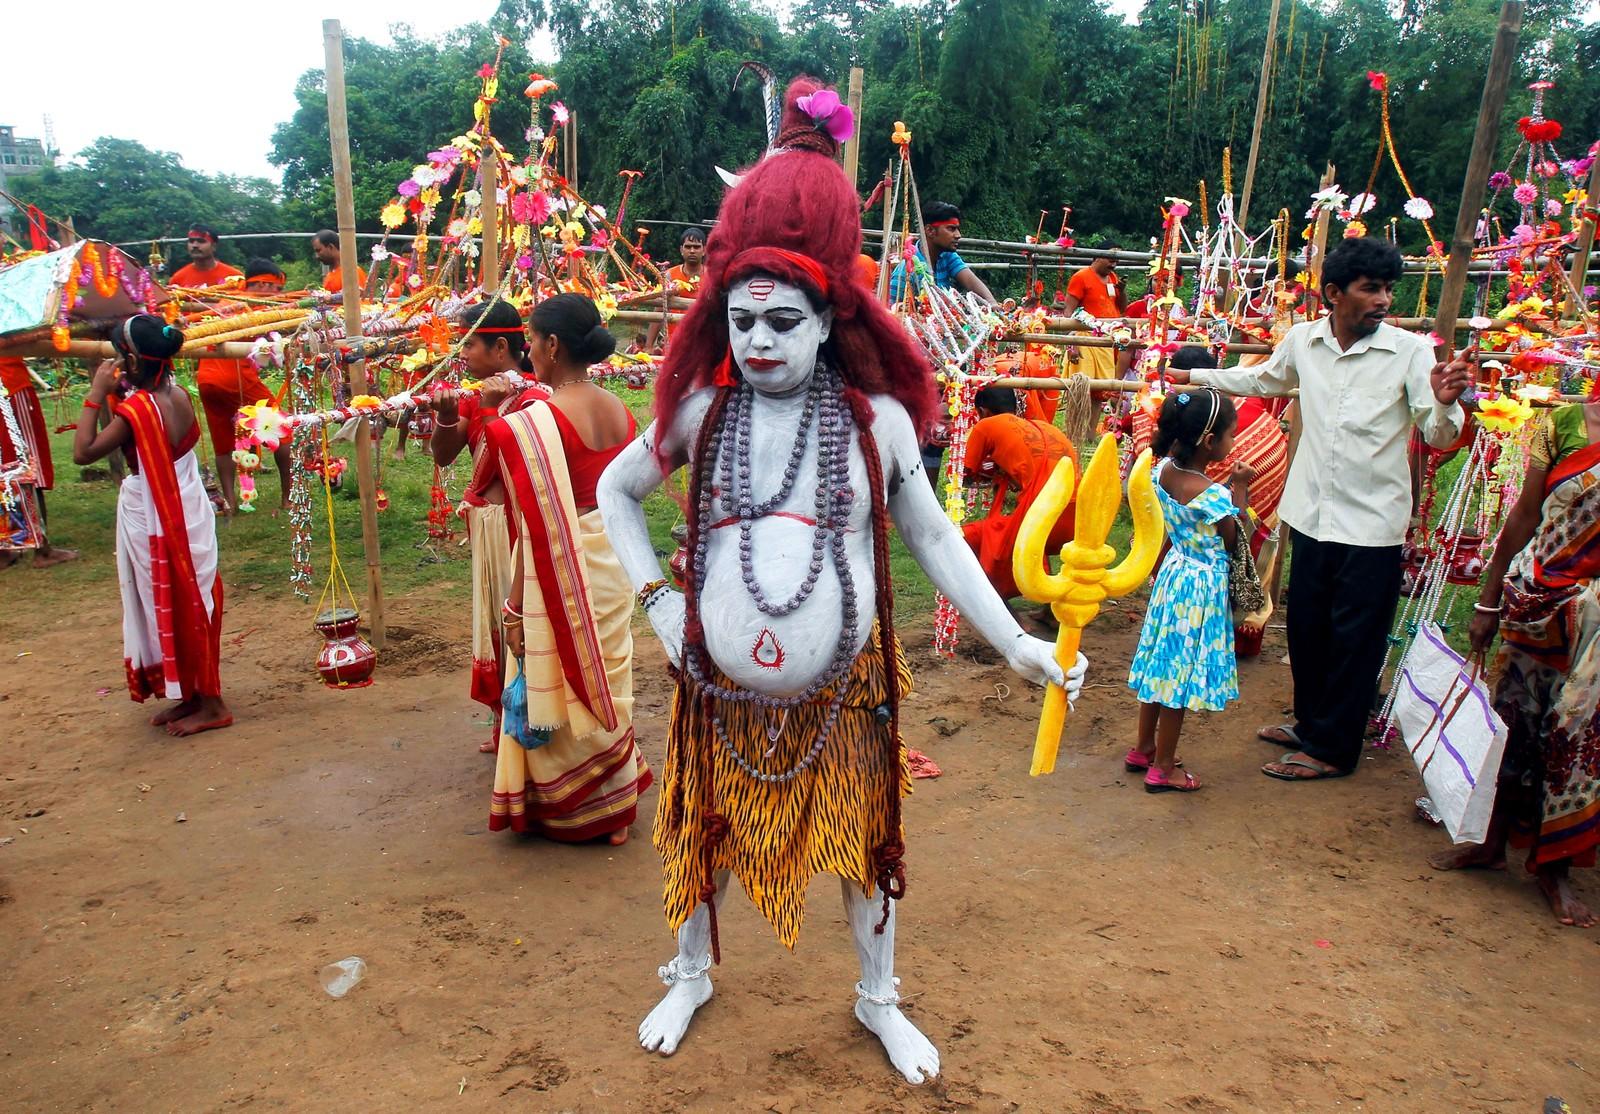 En Shiva-tilhenger har kledd seg ut som guden Shiva for å være med på et arrangement under den hellige måneden Shravan i Agartala i India den 8. august. Denne måneden faster og tilber hinduer Shiva for å gjøre guden fornøyd.